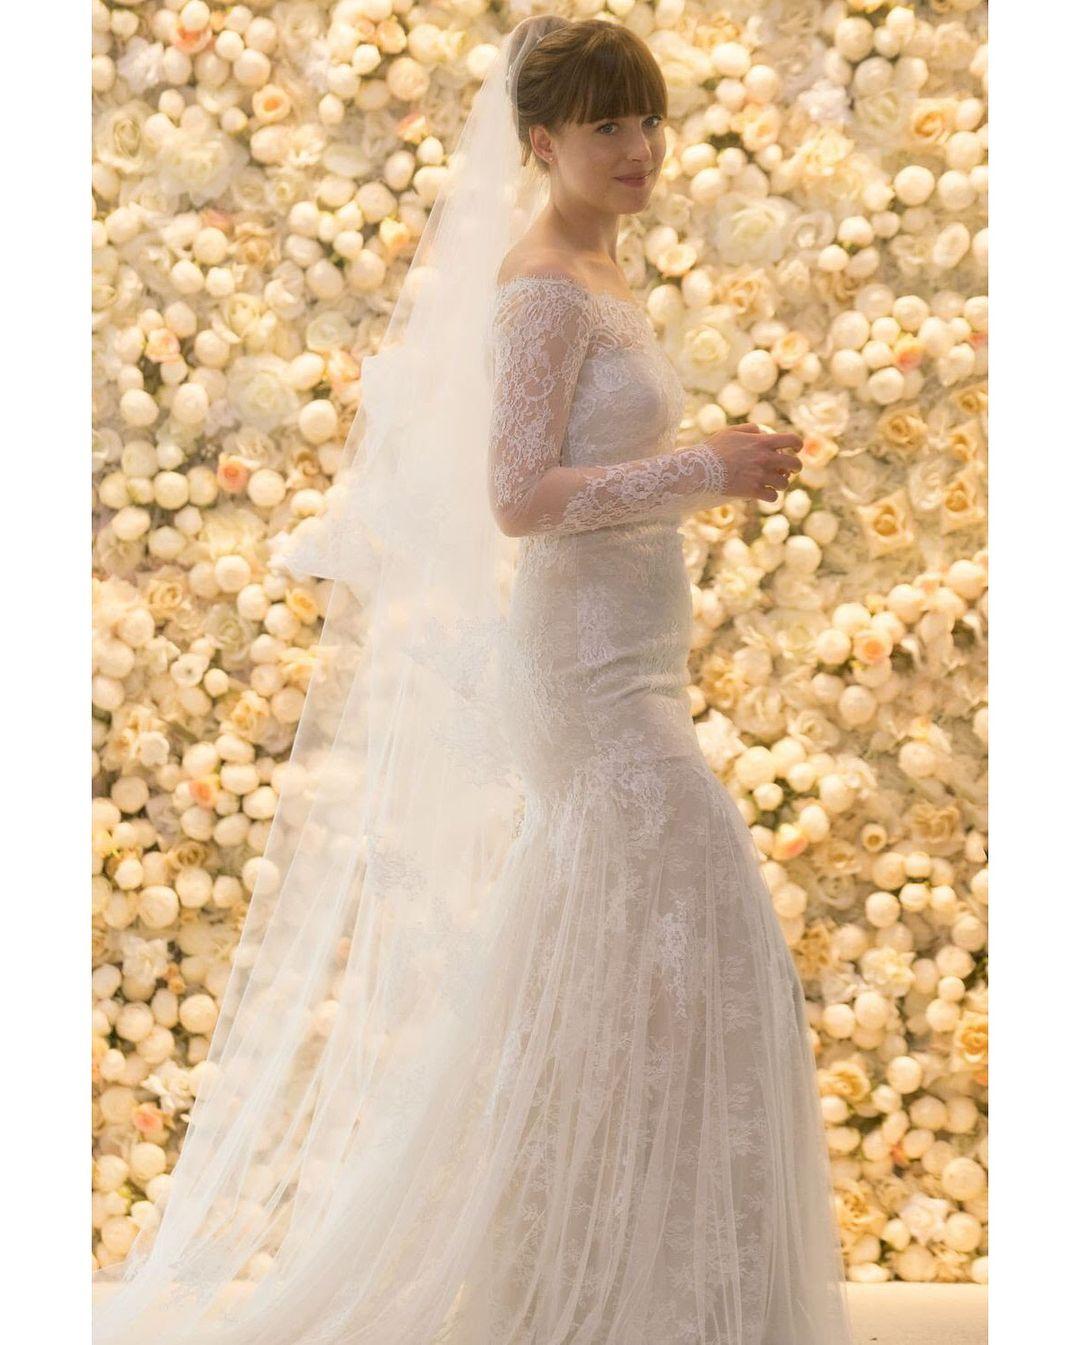 50 оттенков белого: свадебные платья 2019 изоражения